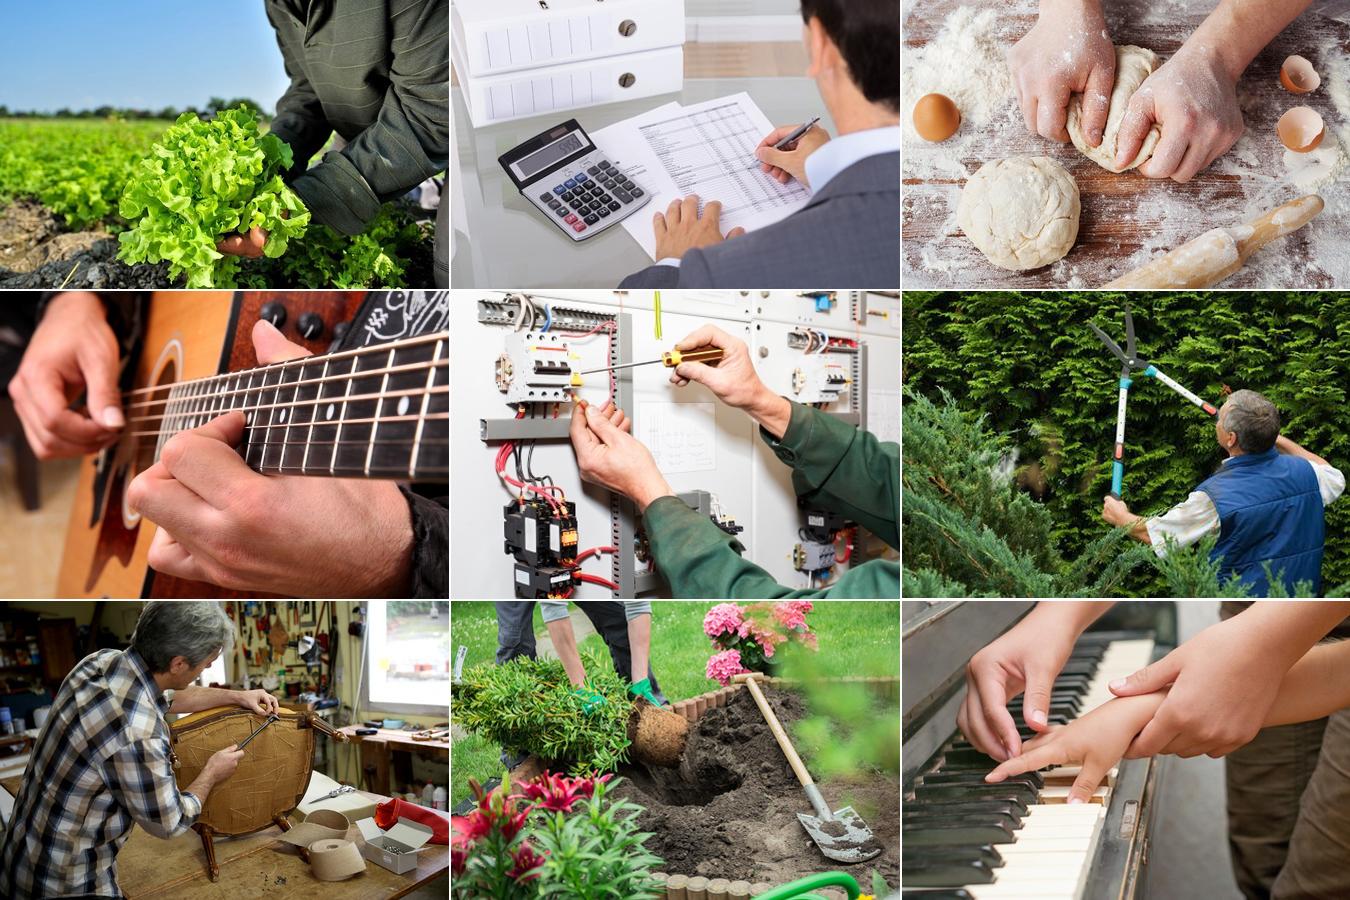 中高年からの起業スタートパックイメージ画像